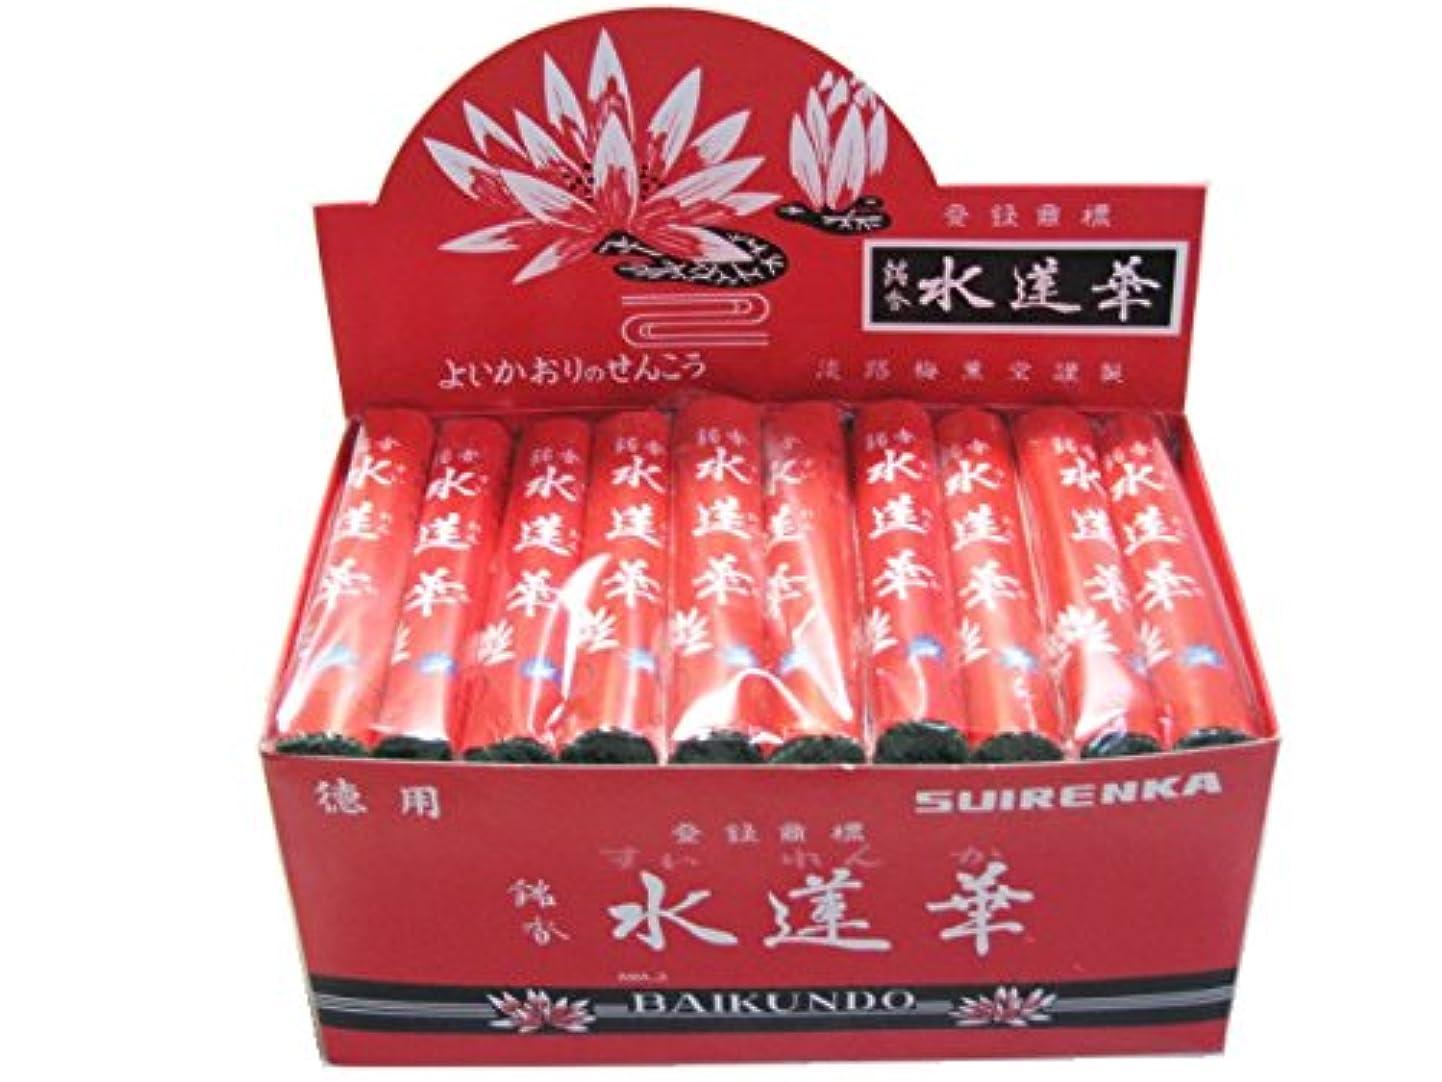 テセウス全国おじさん淡路梅薫堂のお線香 徳用水蓮華 大把 2p × 25袋×12箱 #300